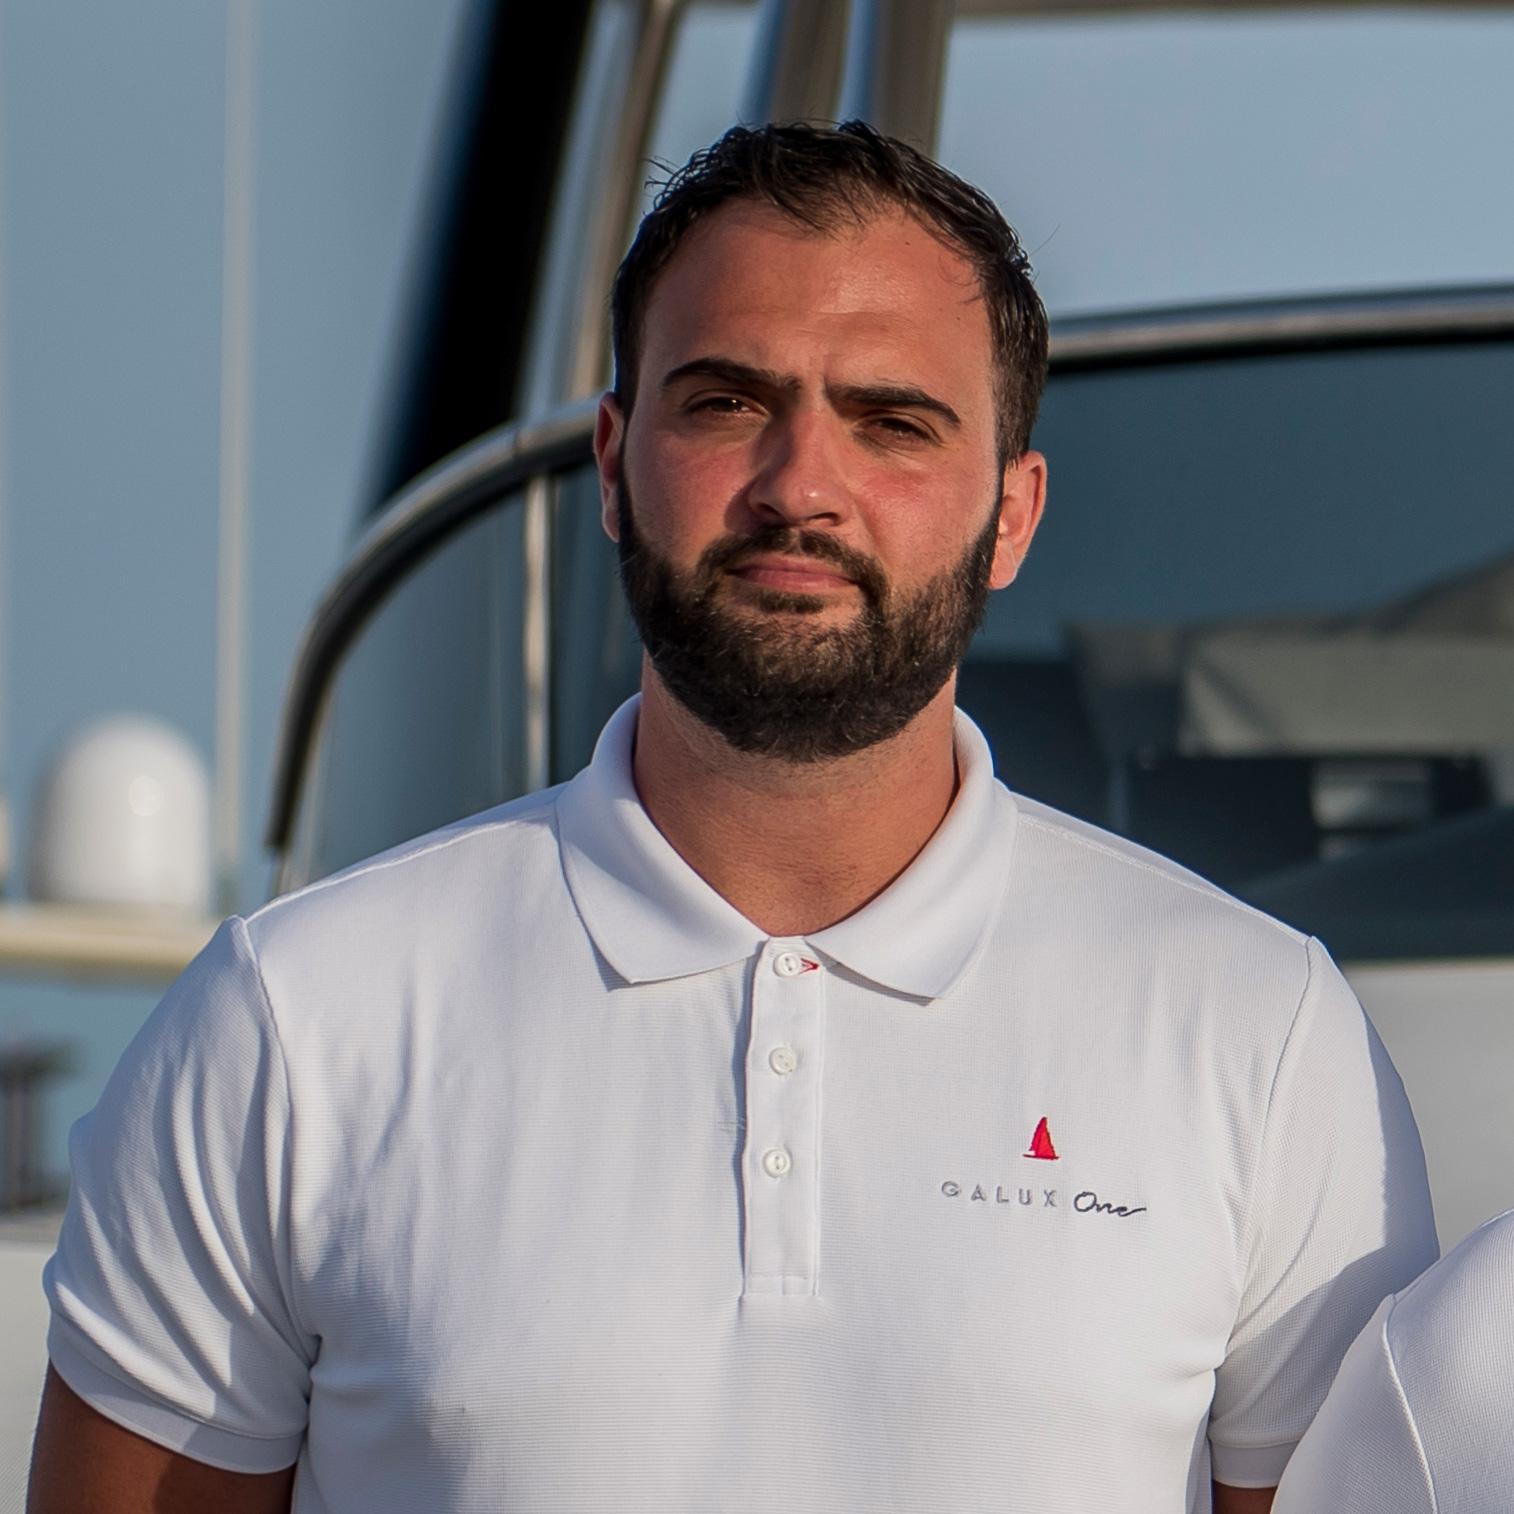 Panos Kyriazis